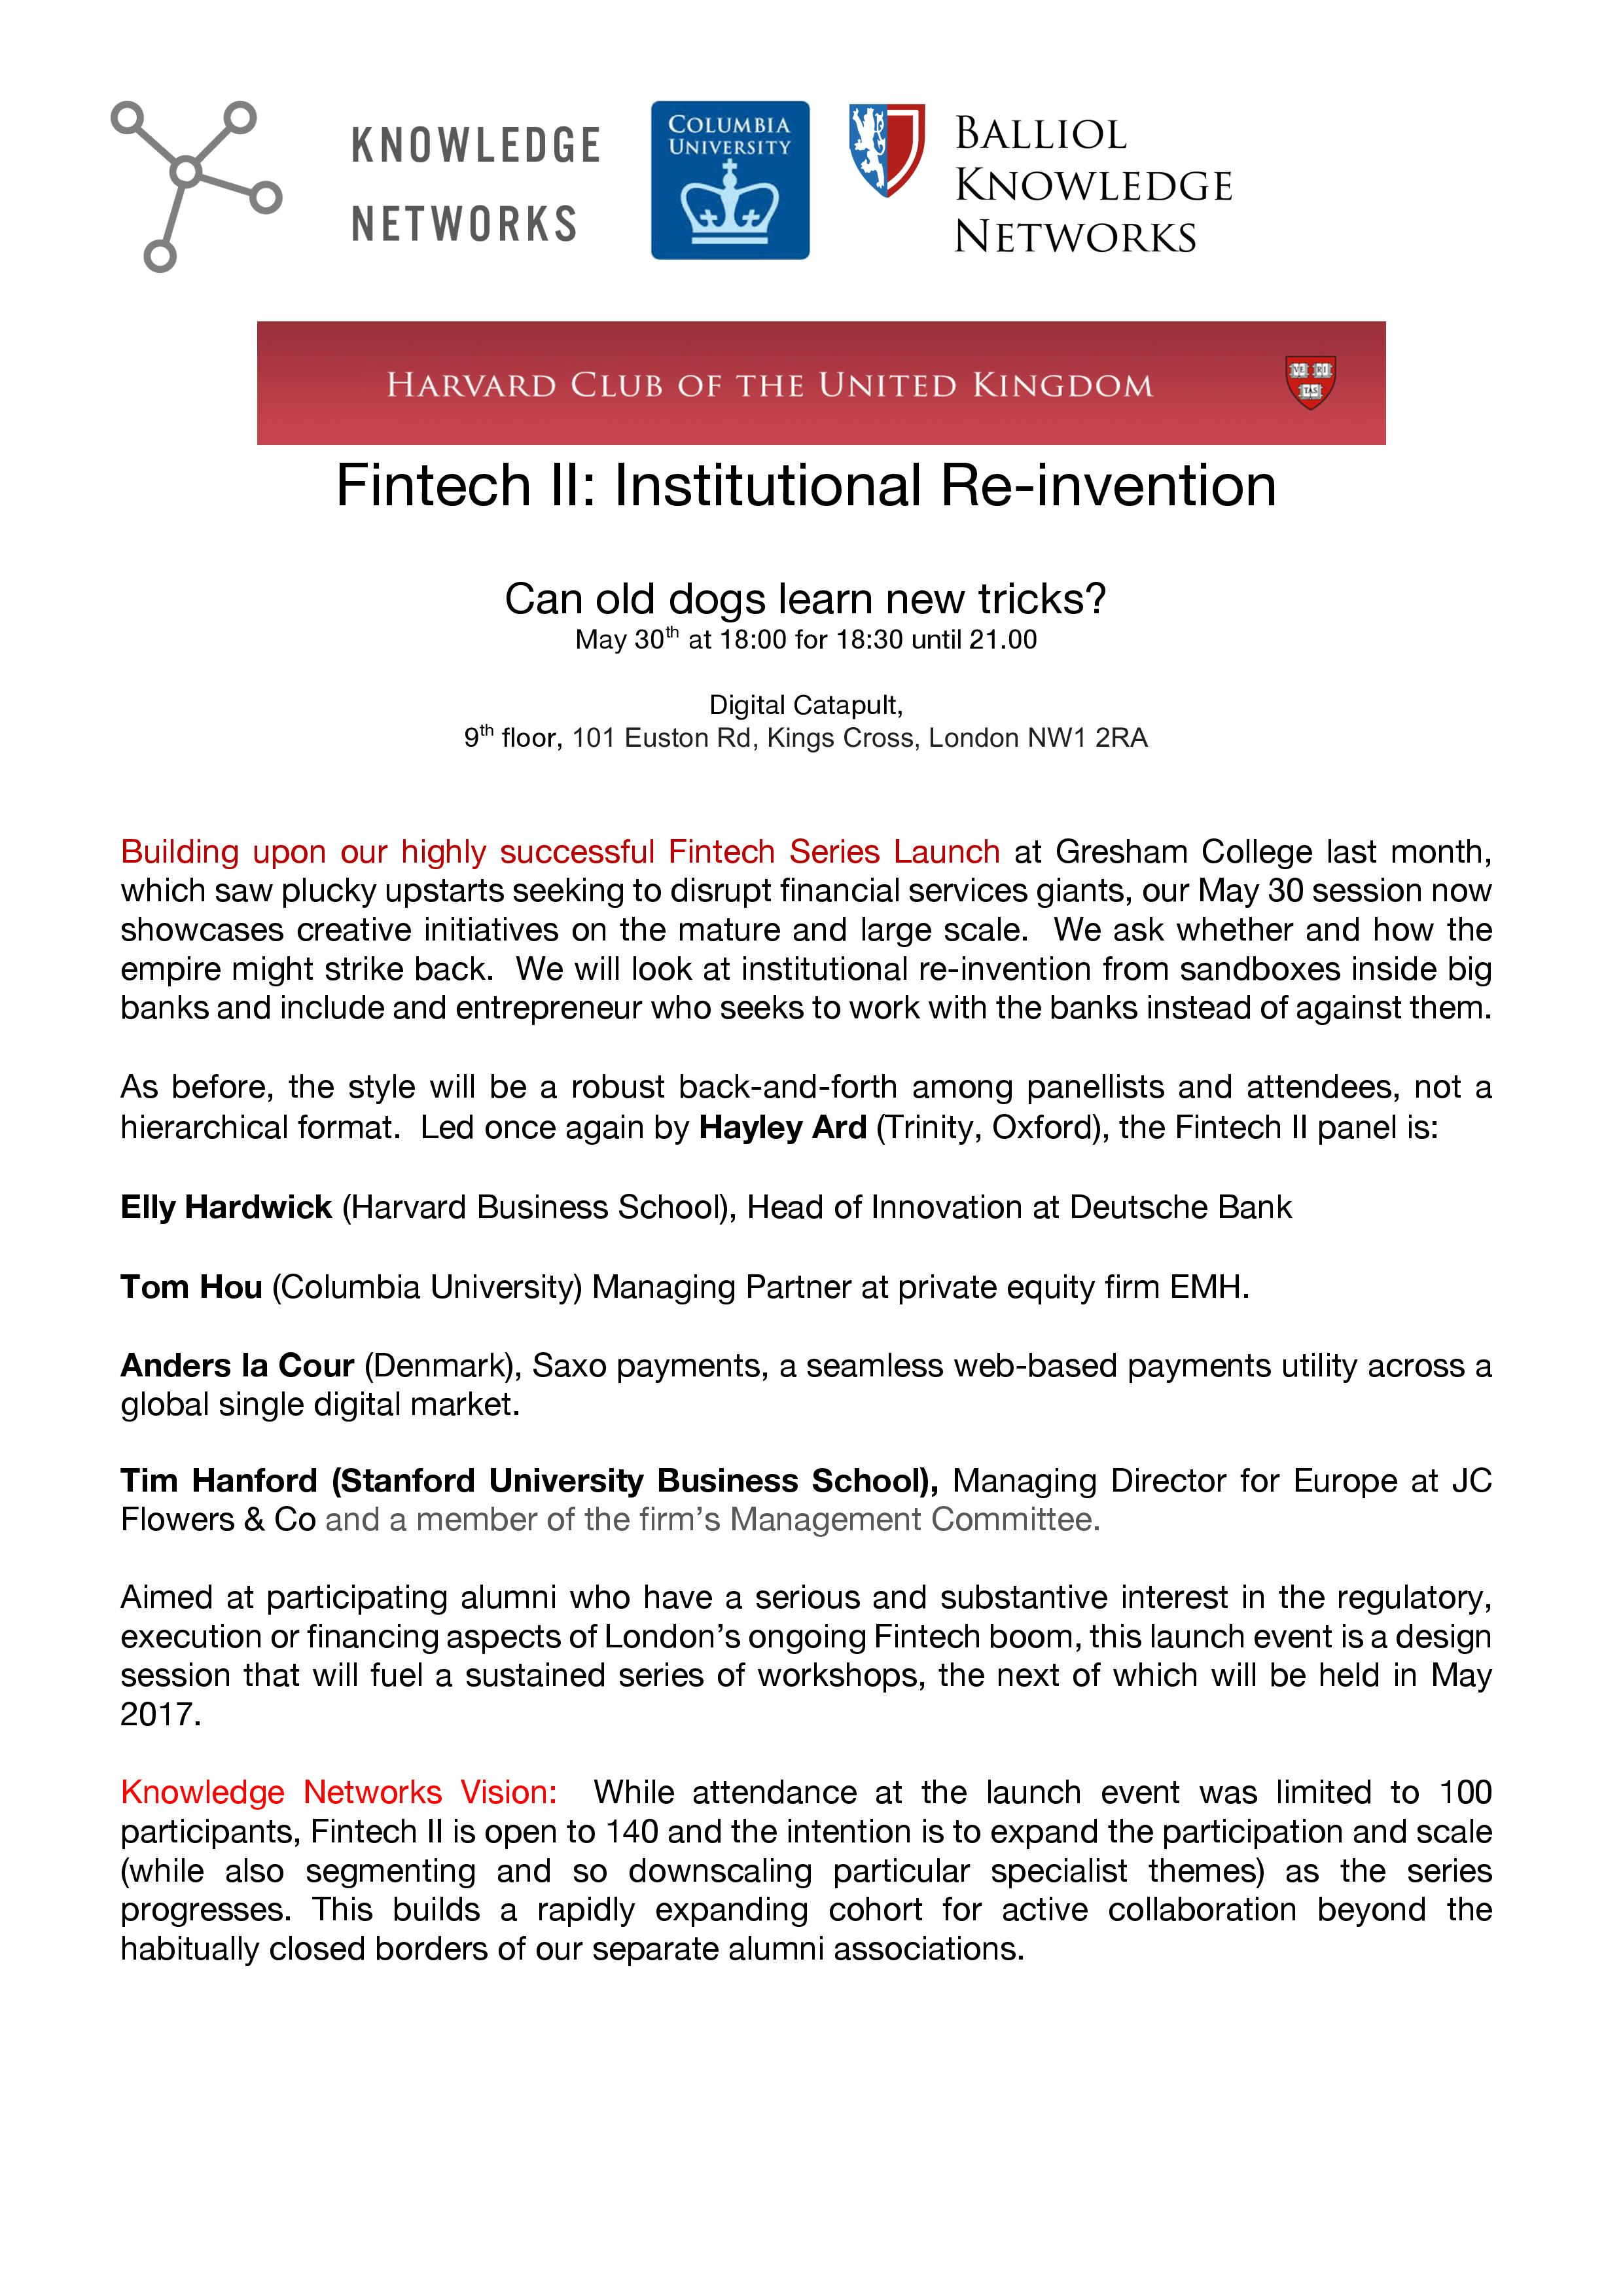 fintech-ii-digicat-page-001